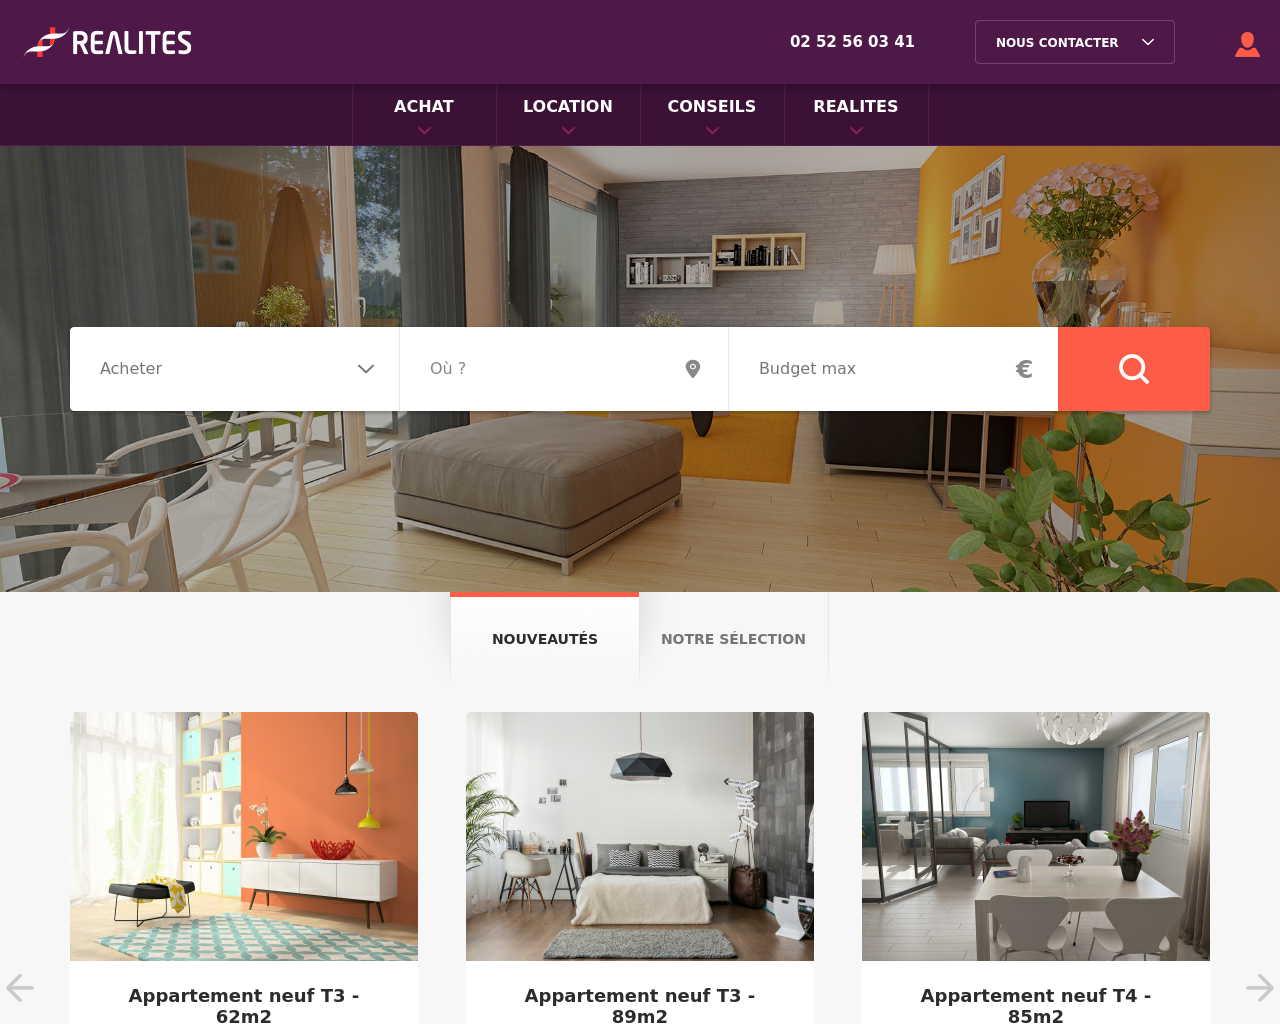 Acheter son futur logement sans avoir vendu l 39 ancien c for Acheter logement